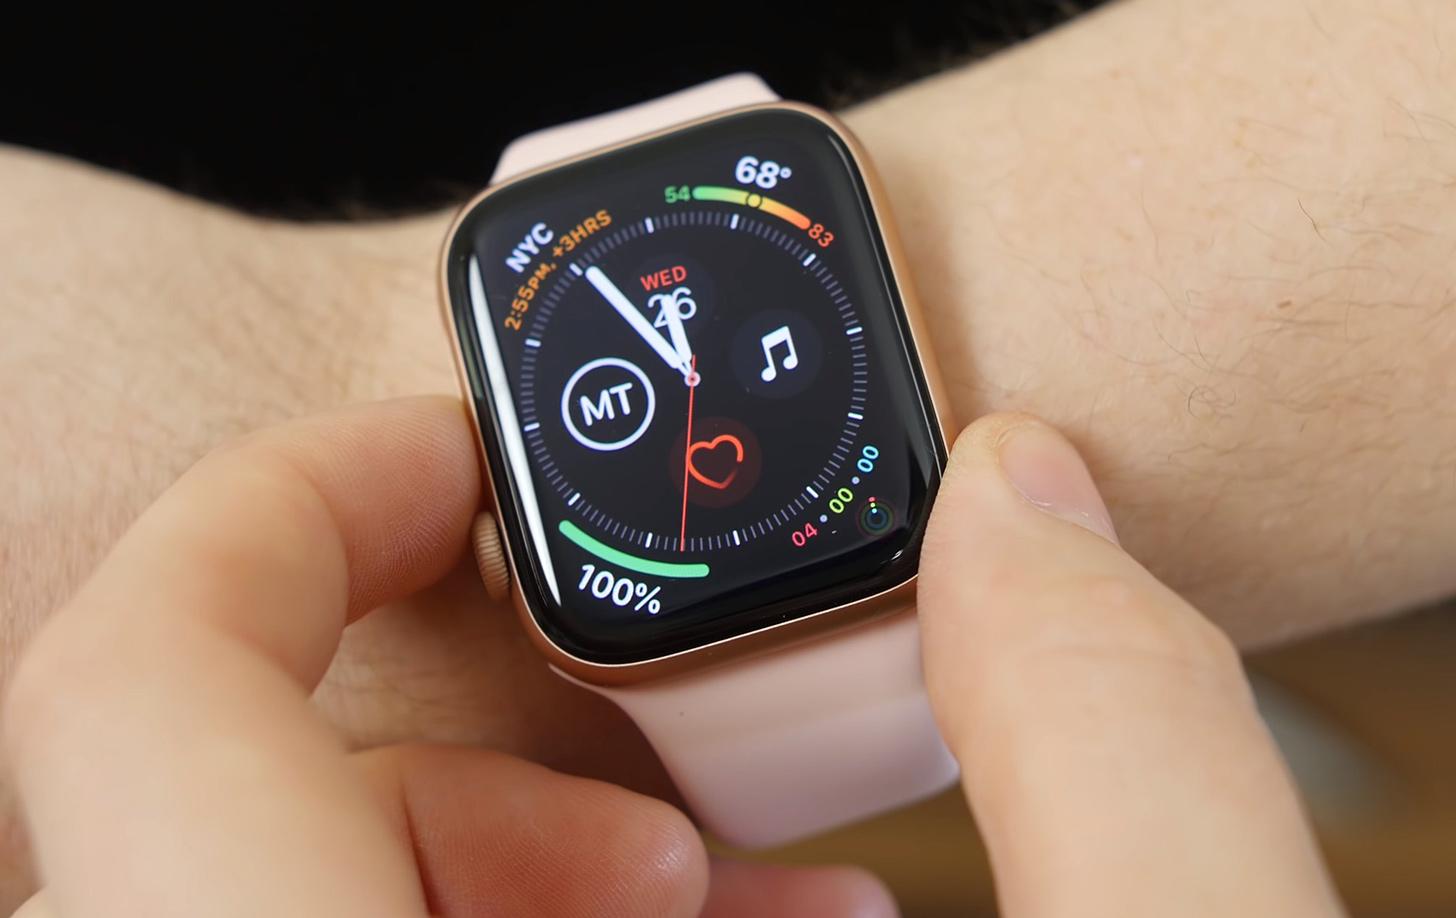 Pengiriman Smartwatch terus tumbuh di Amerika Utara, Apple dan Samsung menunjukkan keuntungan besar